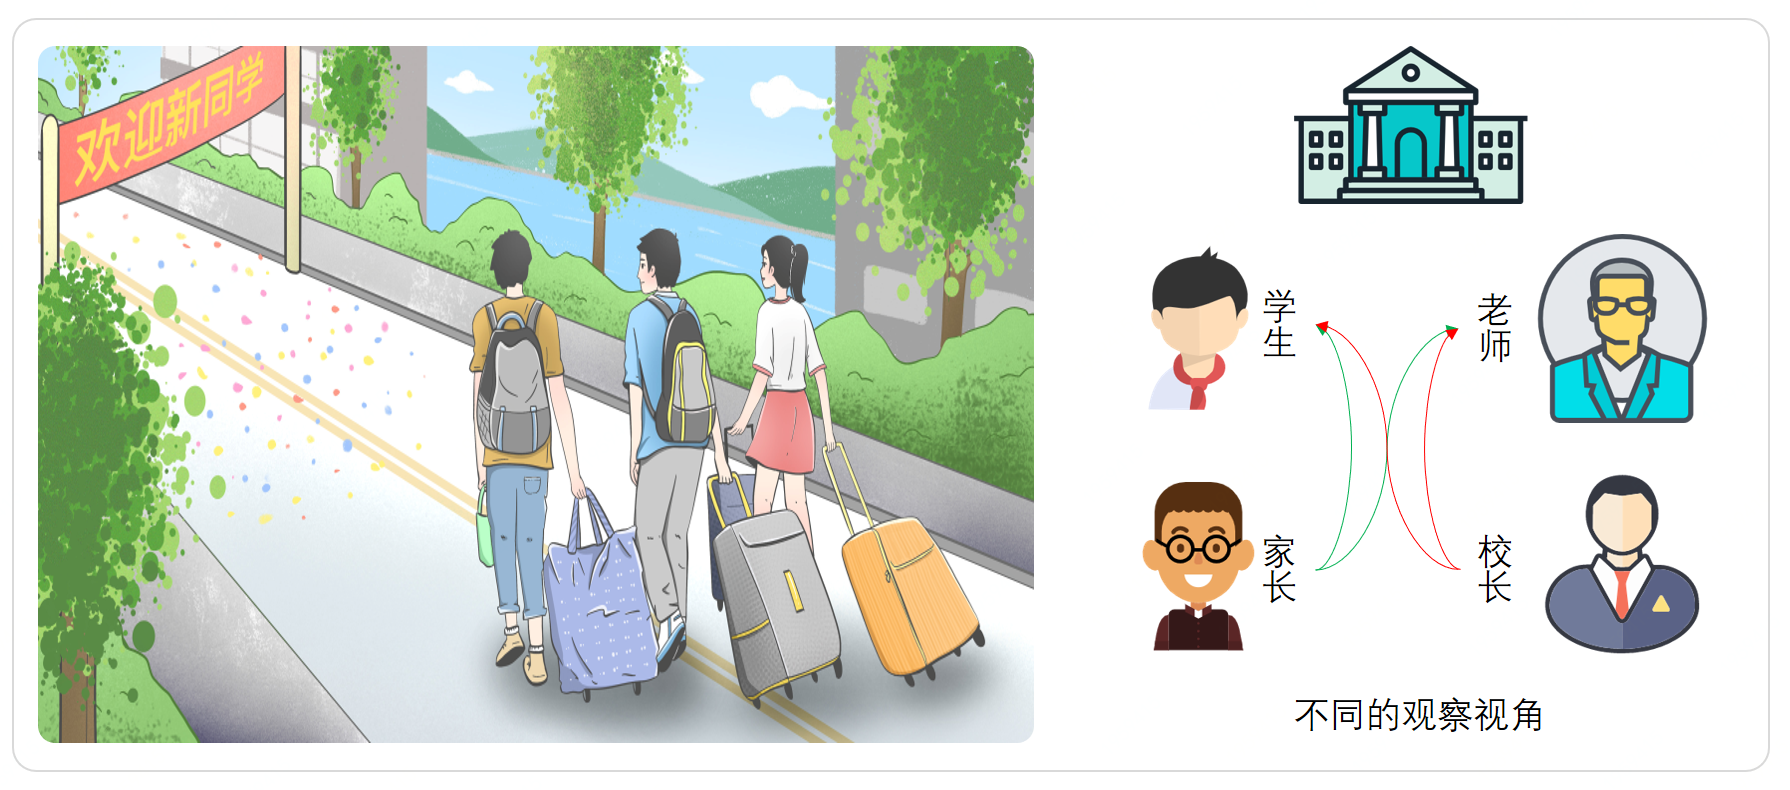 场景模拟;校园中的学生和老师对于不同用户的访问视角